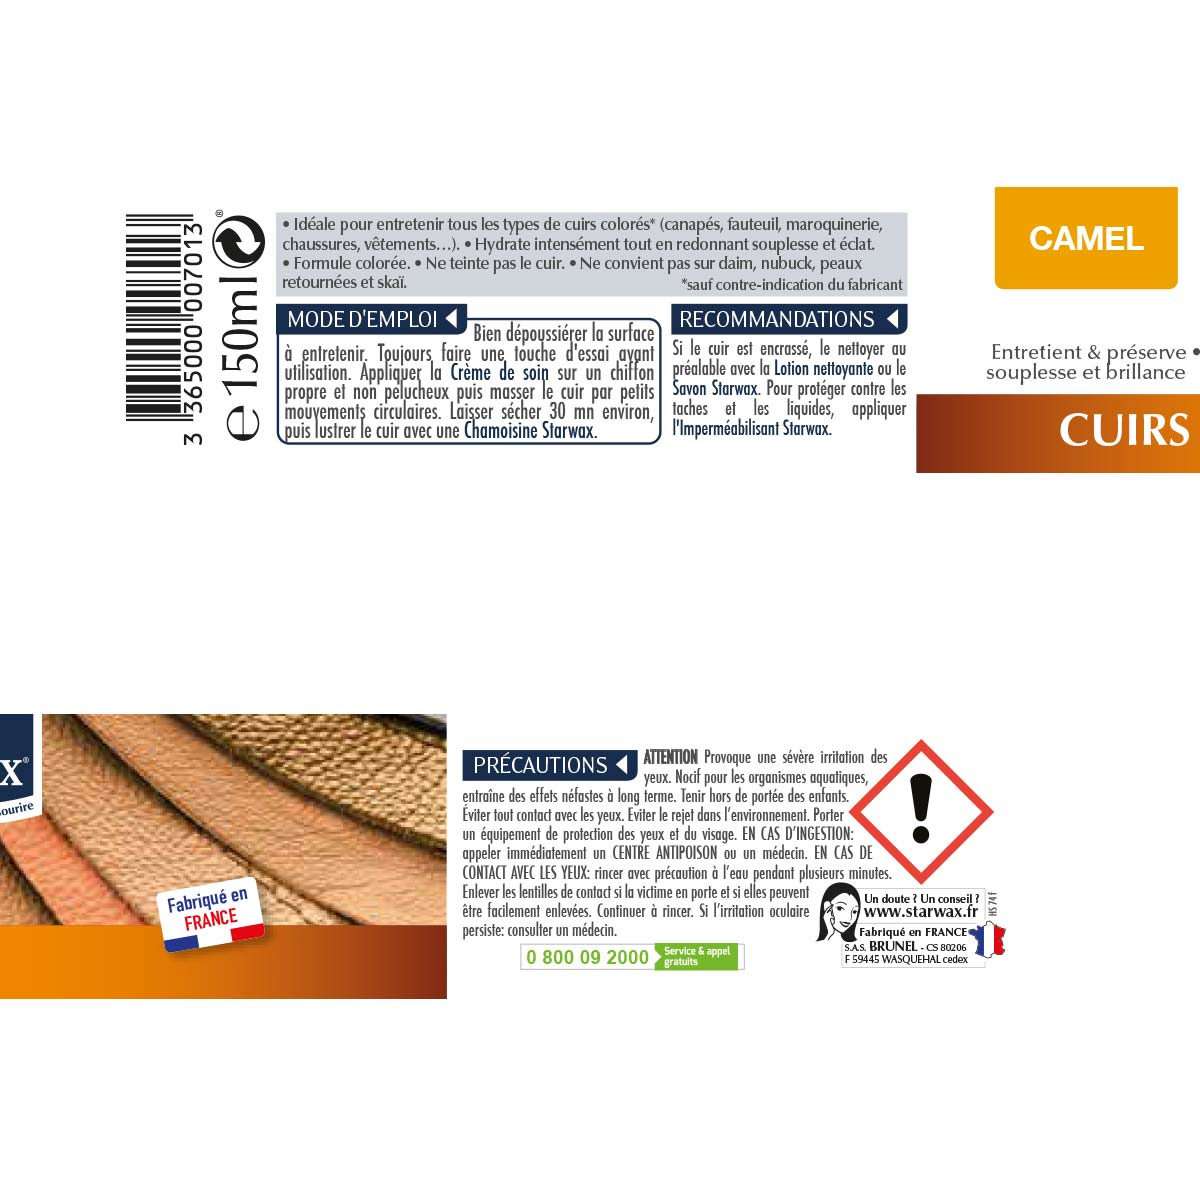 Entretien Du Cuir D Ameublement crème de soin pour cuirs colorés | starwax, produits d